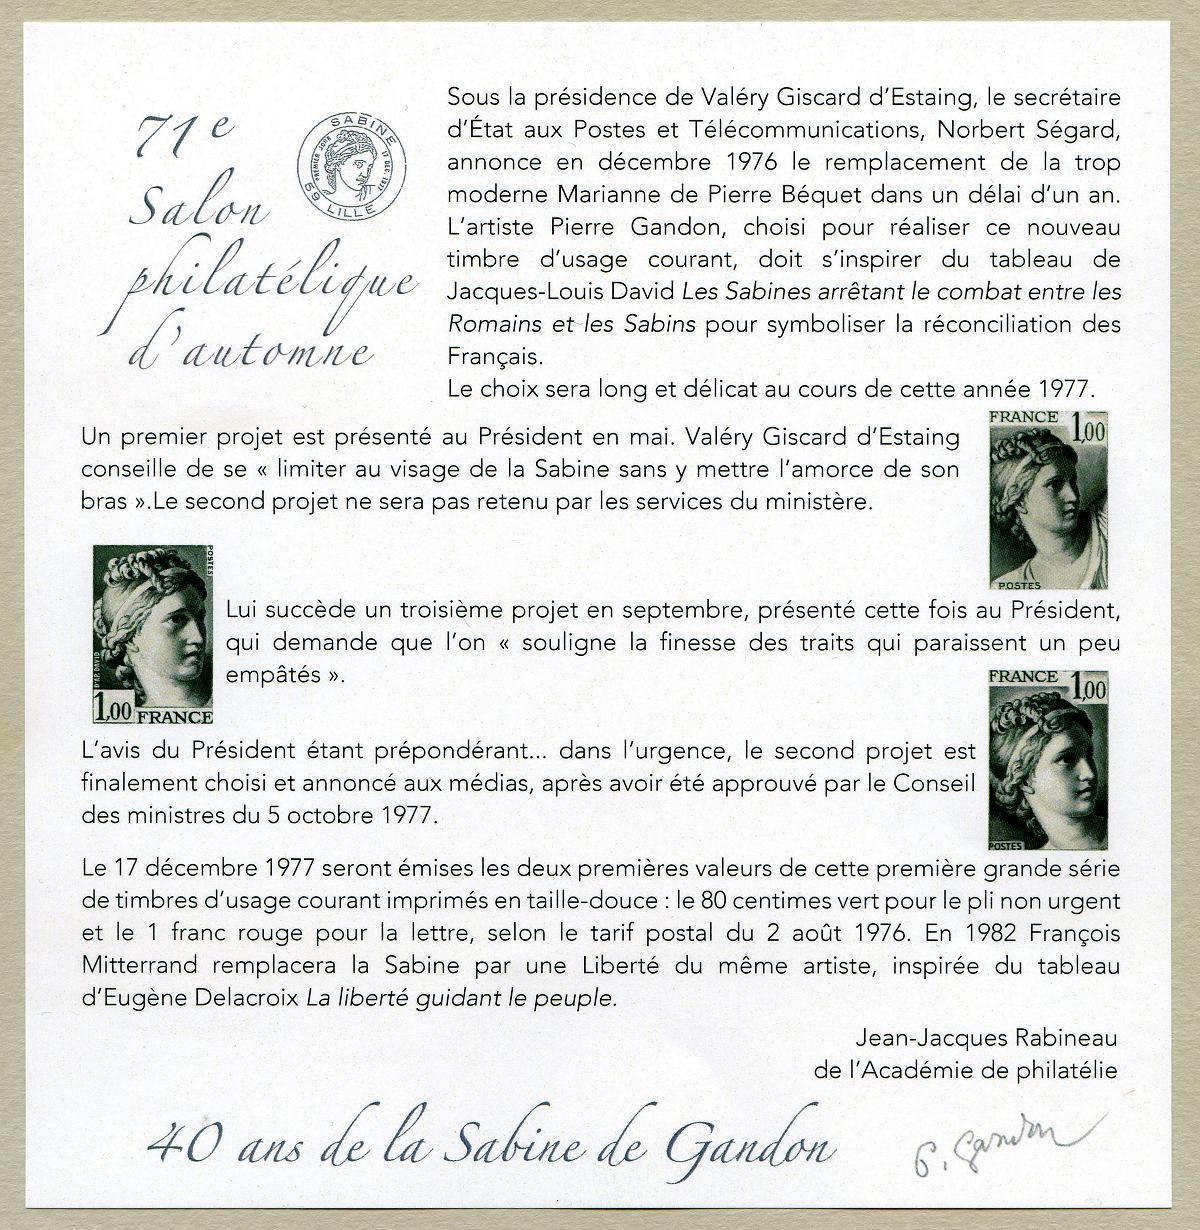 40 ans de la sabine de gandon 71e salon philat lique d for Salon du timbre 2017